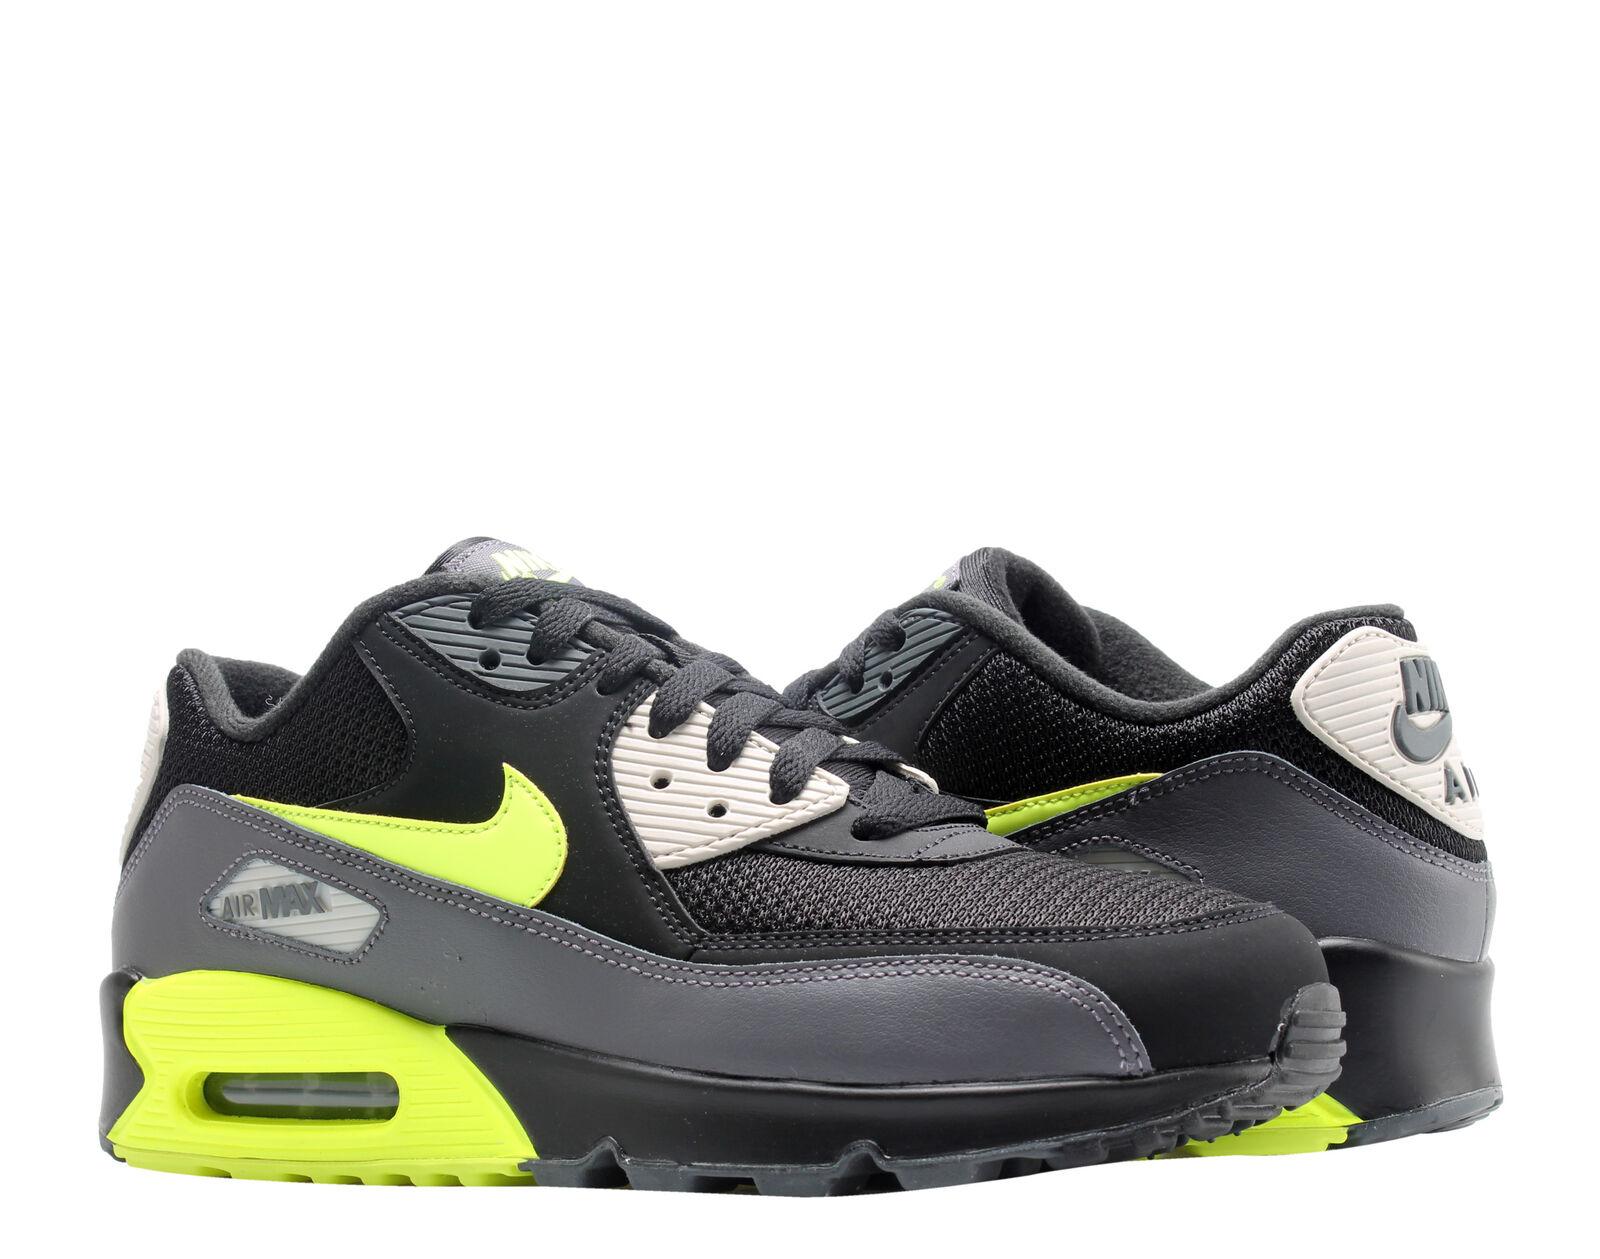 nike air max 90 essenziale grigio scuro / / / volt uomini neri, scarpe da corsa aj1285-015 | Imballaggio elegante e stabile  | Imballaggio elegante e robusto  | Primi Clienti  | Sig/Sig Ra Scarpa  3ca3f5